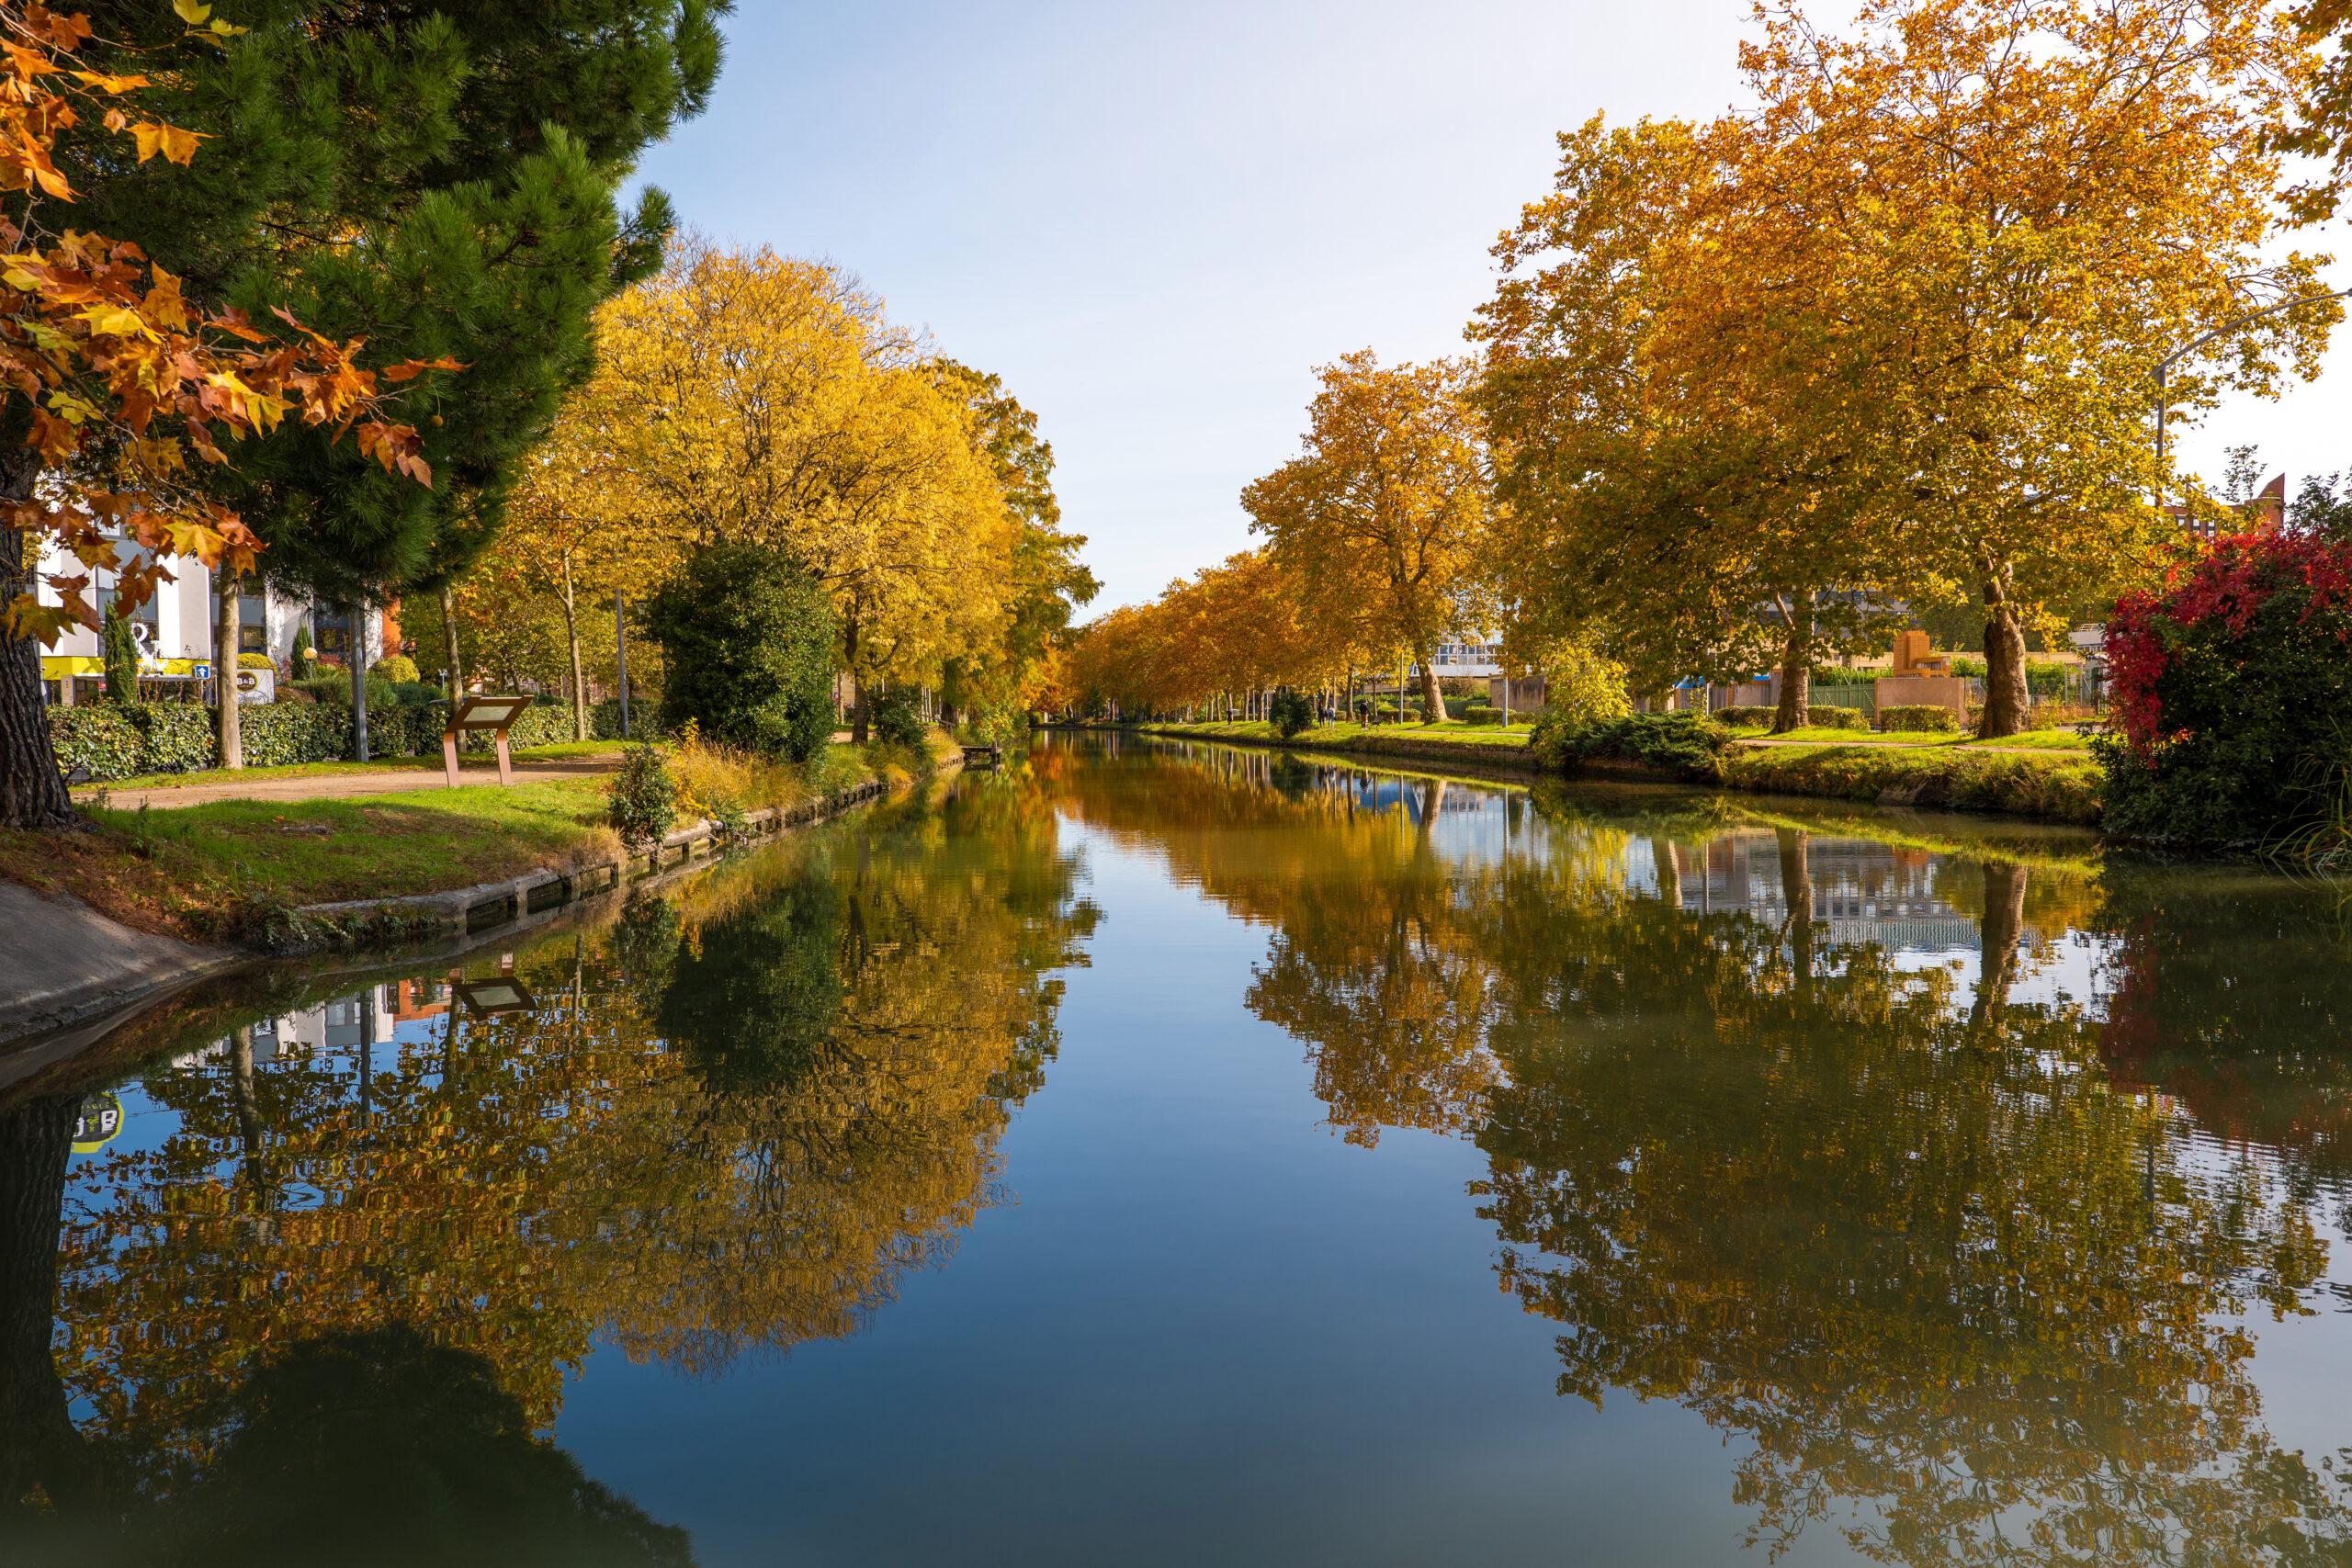 Épargne Occitanie : la replantation du canal du Midi sélectionnée par la région Occitanie